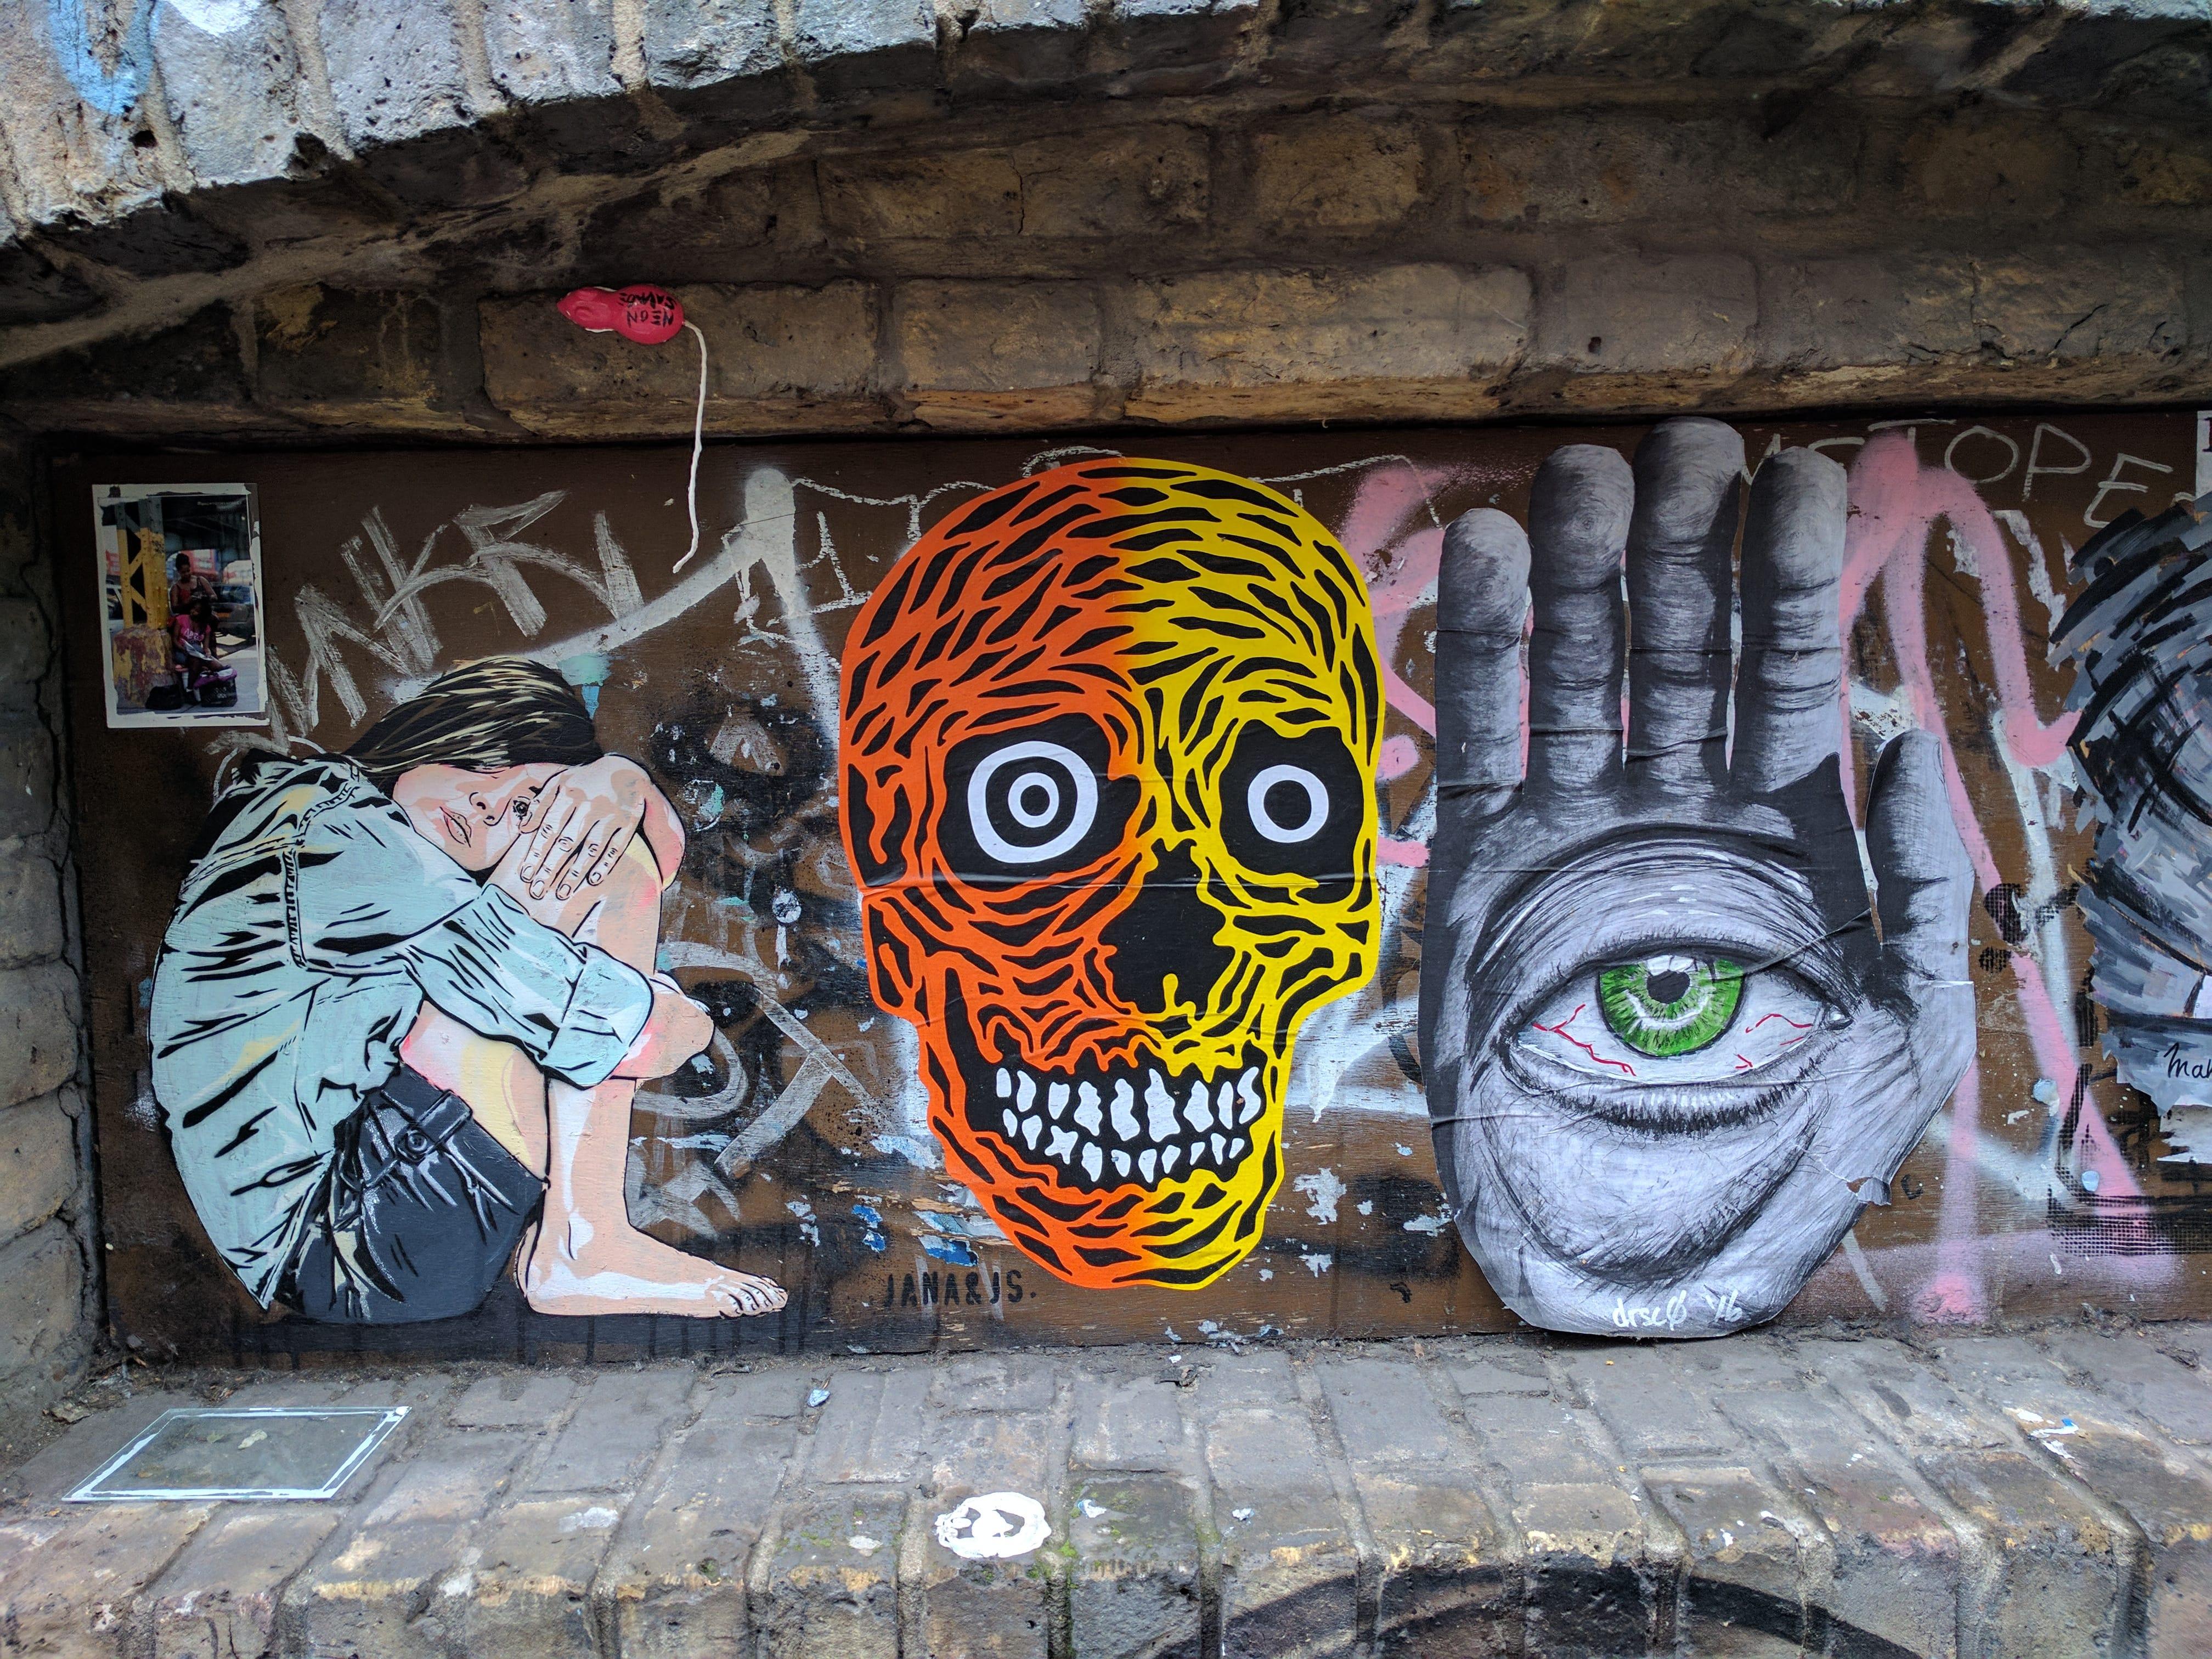 099-graffiti25